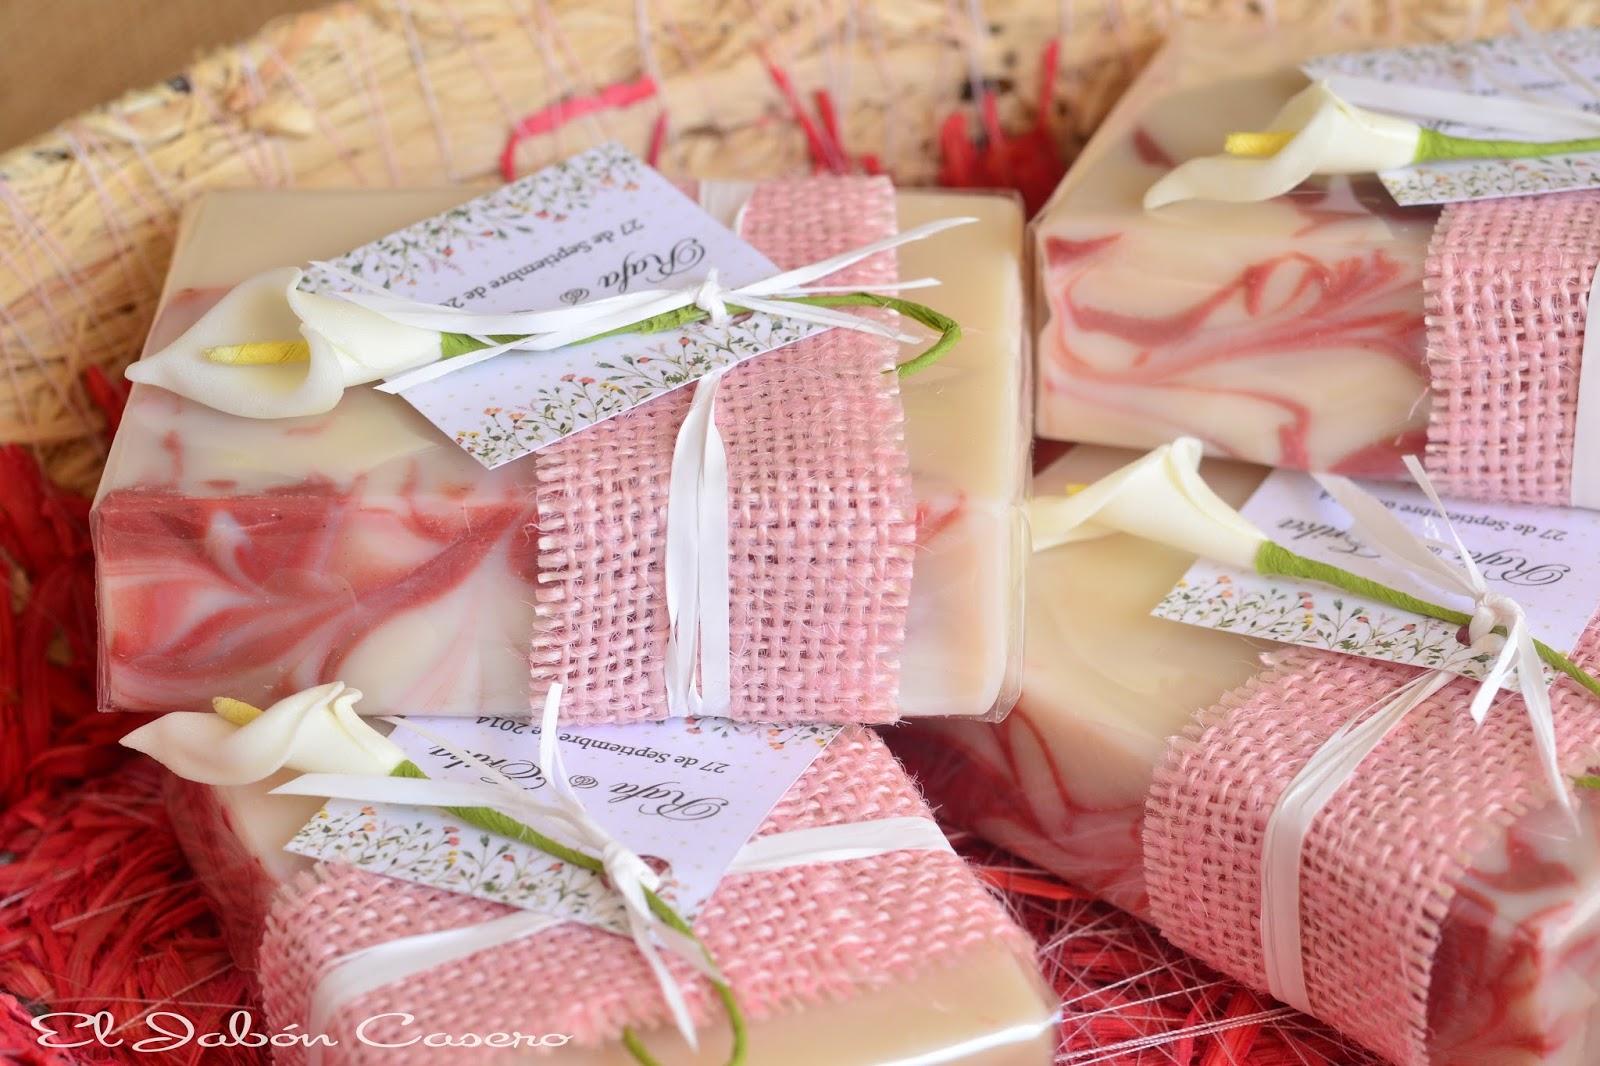 Jabones de fresa personalizados para bodas